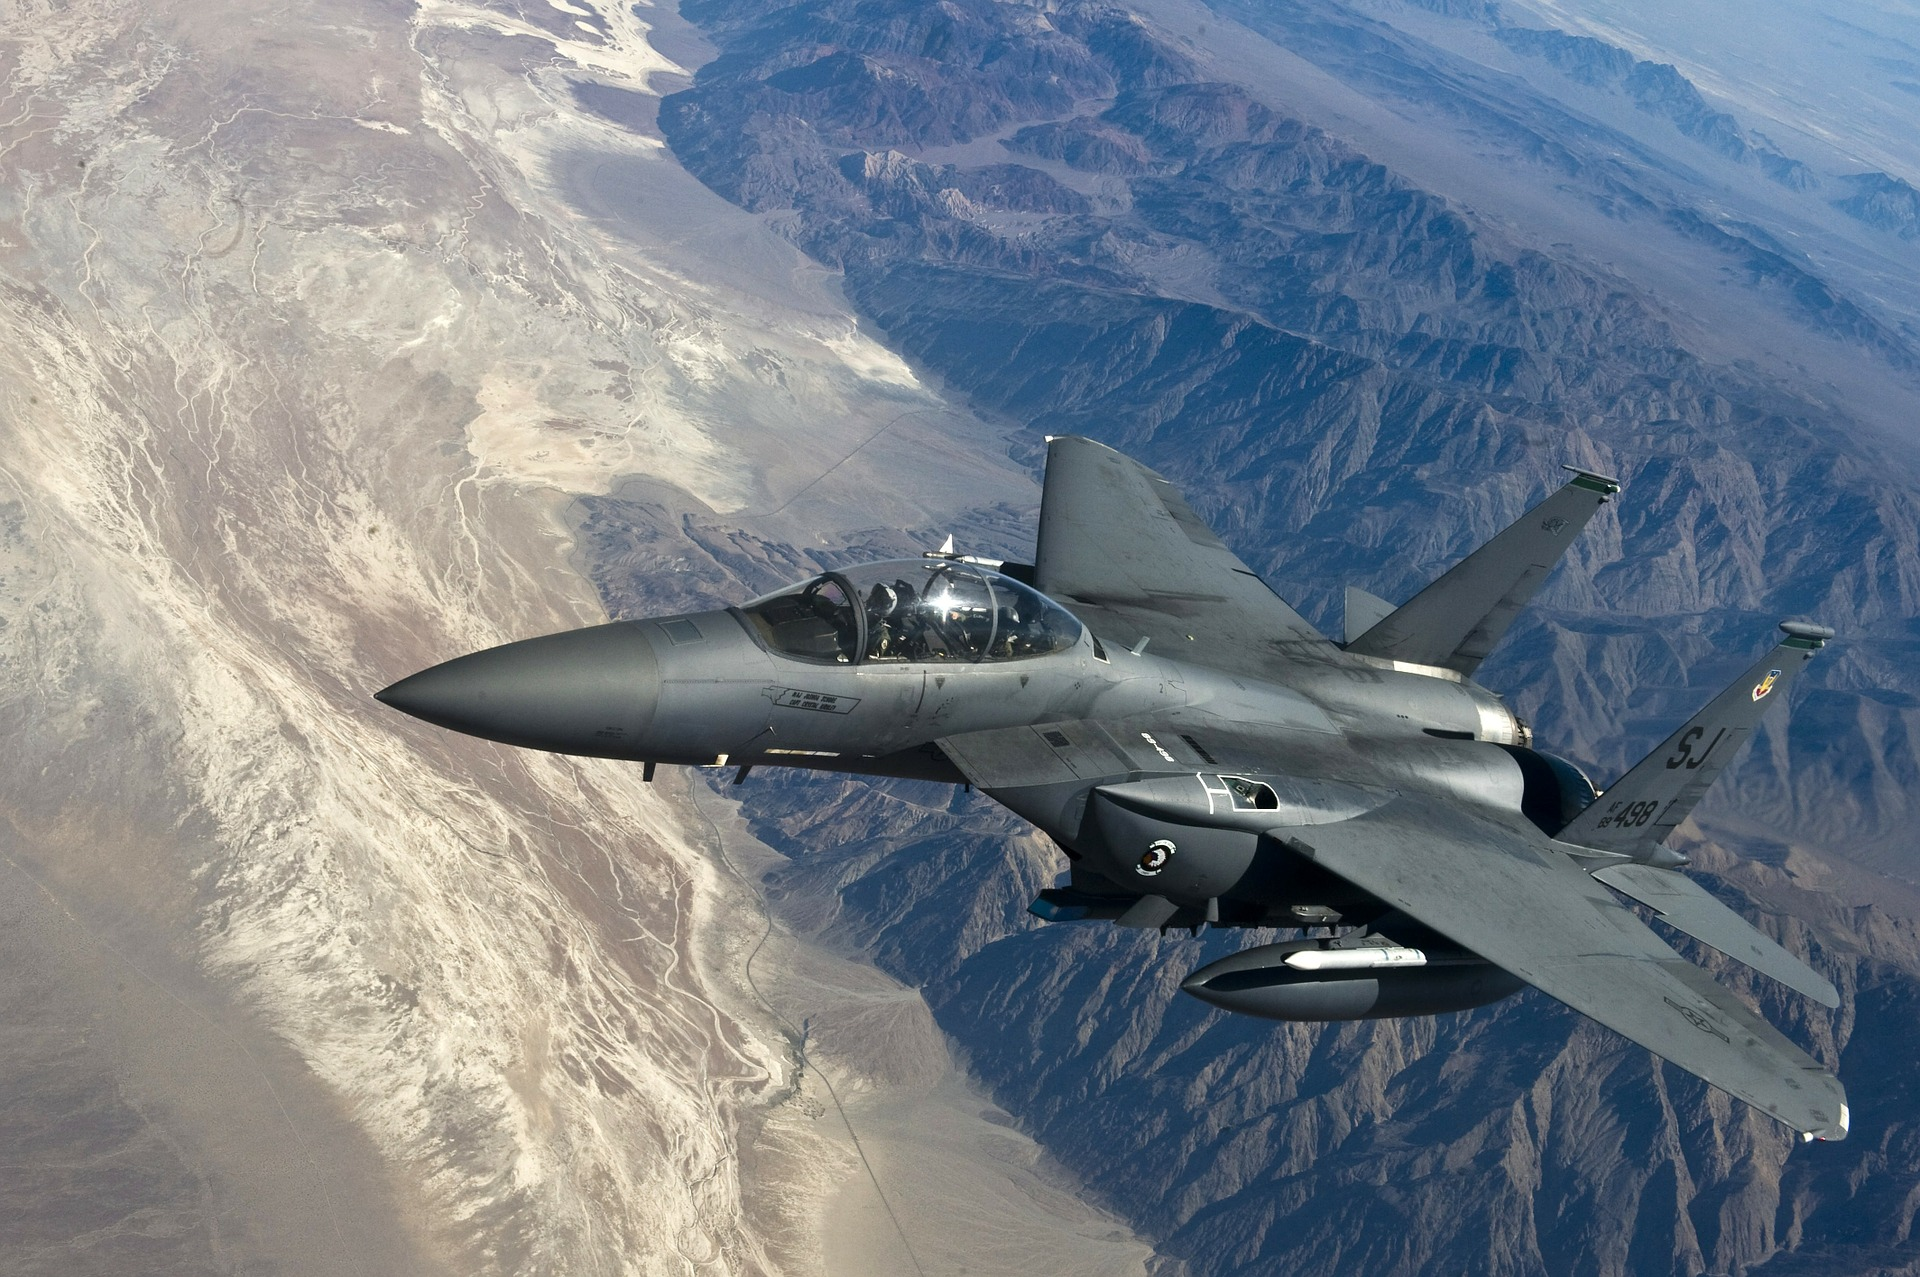 Flugzeug, Jagd, Bomber, fliegen, Pilot, Kabine, Geschwindigkeit - Wallpaper HD - Prof.-falken.com